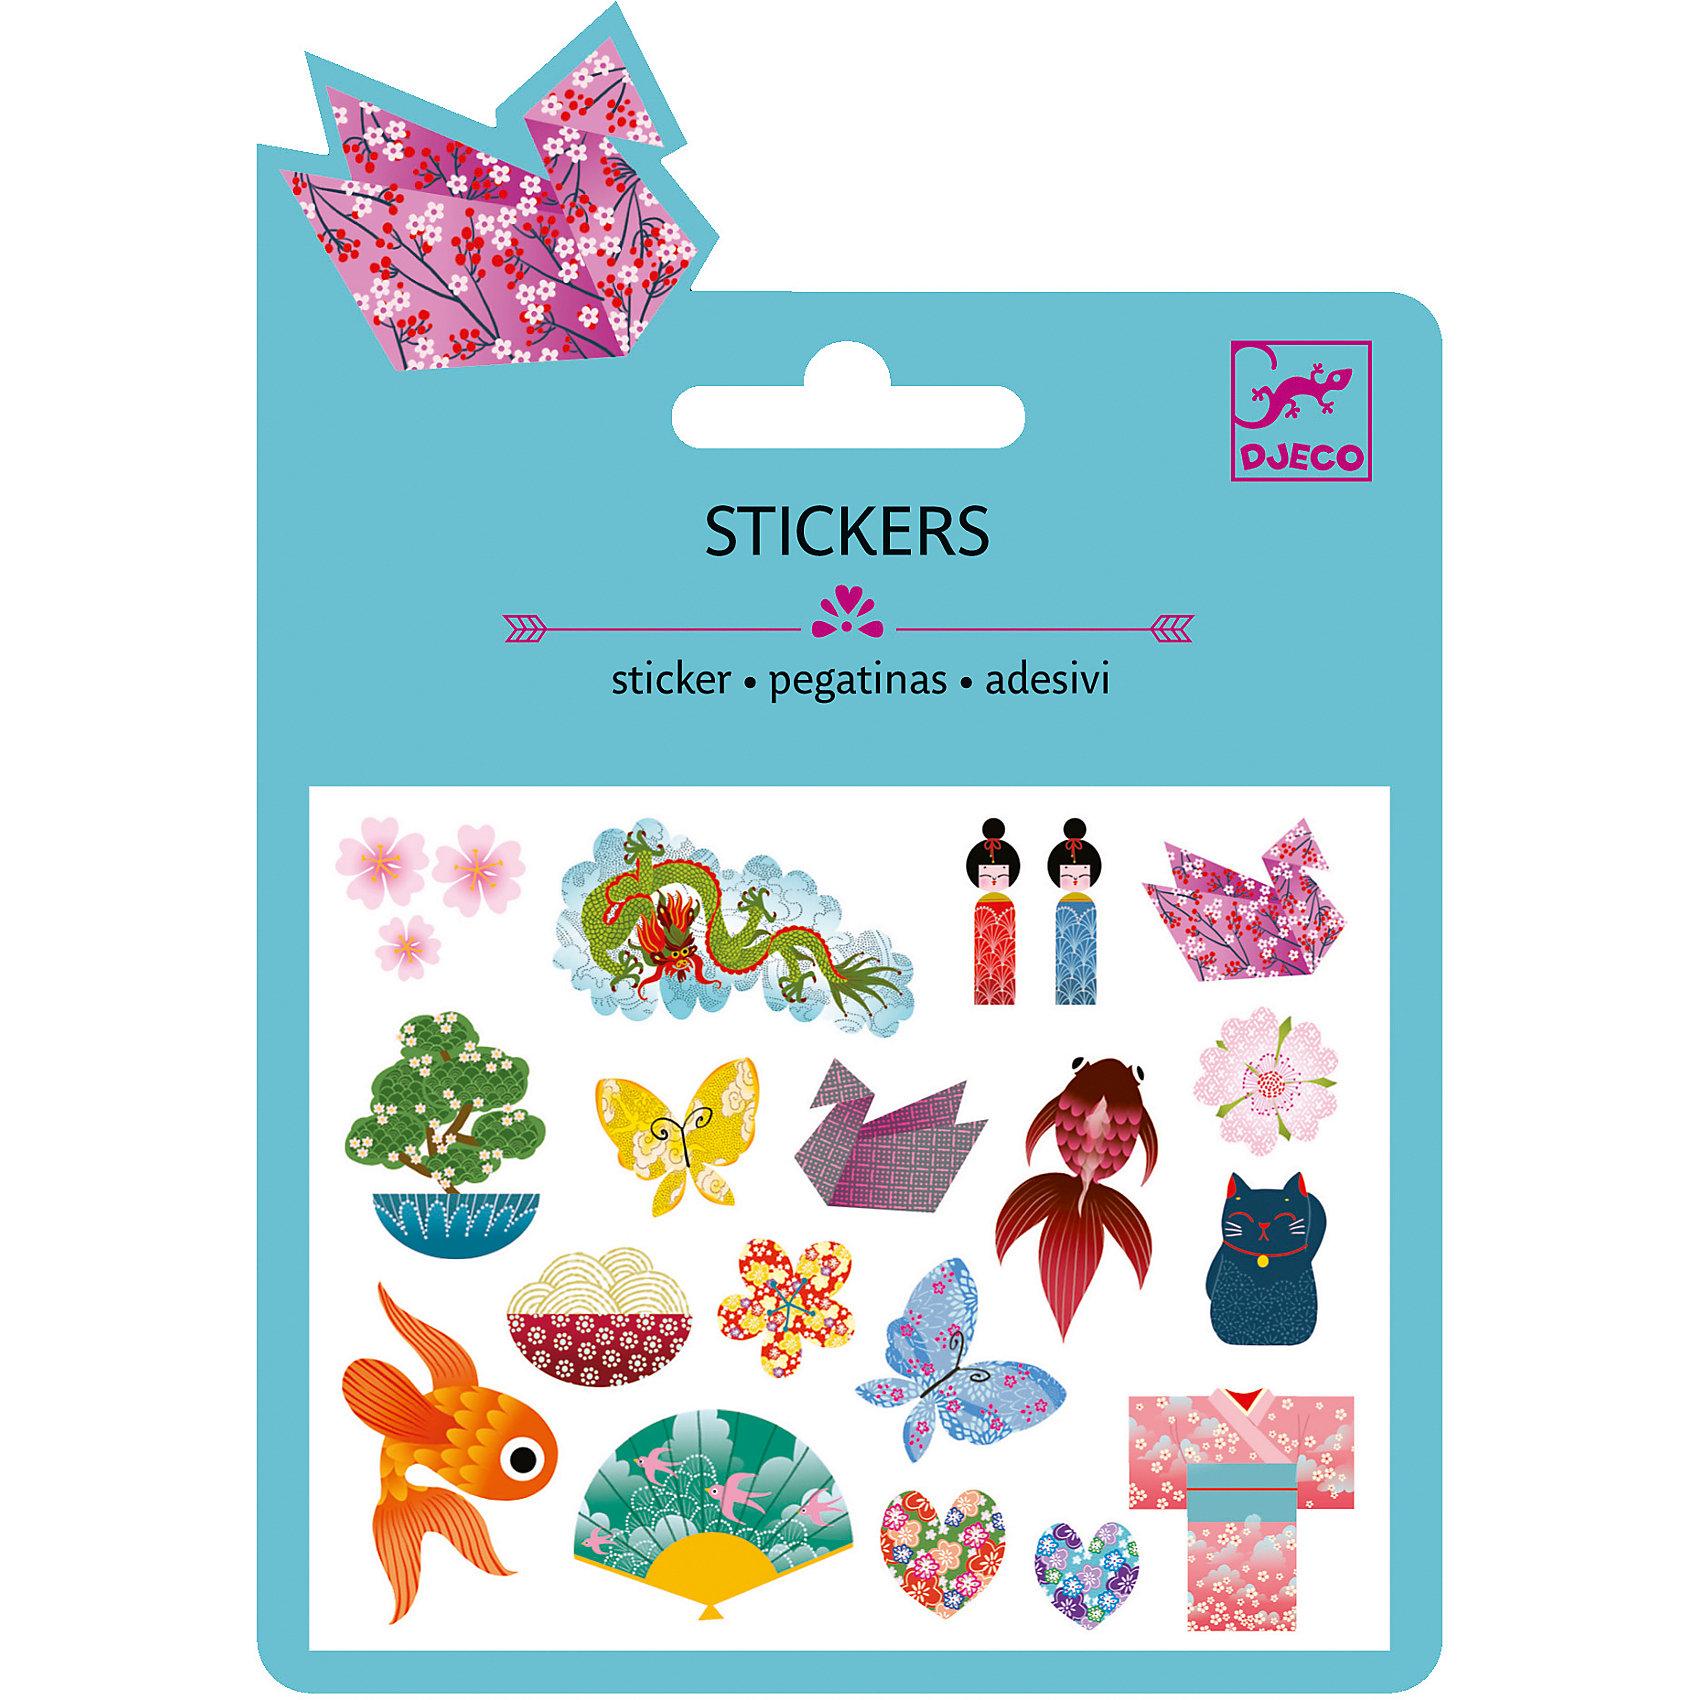 Наклейки Японские мотивы, DJECOХарактеристики наклейки Японские мотивы:<br><br>• возраст: от 3 лет<br>• пол: для девочки<br>• комплект: 1 лист с наклейками.<br>• состав: бумага, полимер.<br>• размер упаковки: 11.5 х 15.5 см.<br>• упаковка: картонная подложка.<br>• бренд: Djeco<br>• страна обладатель бренда: Франция.<br><br>С помощью набора наклеек Японские Мотивы ребенок сможет украсить свои игровые и канцелярские принадлежности множеством изображений, передающих атмосферу страны восходящего солнца. Все наклейки имеют качественную клейкую основу, не будут отлипать от предмета, к которому они приклеены и станут достойными декоративными элементами, которые всегда будут радовать глаз.<br><br>Наклейки Японские мотивы торговой марки Djeco (Джеко) можно купить в нашем интернет-магазине.<br><br>Ширина мм: 110<br>Глубина мм: 160<br>Высота мм: 10<br>Вес г: 10<br>Возраст от месяцев: 36<br>Возраст до месяцев: 2147483647<br>Пол: Женский<br>Возраст: Детский<br>SKU: 5448837